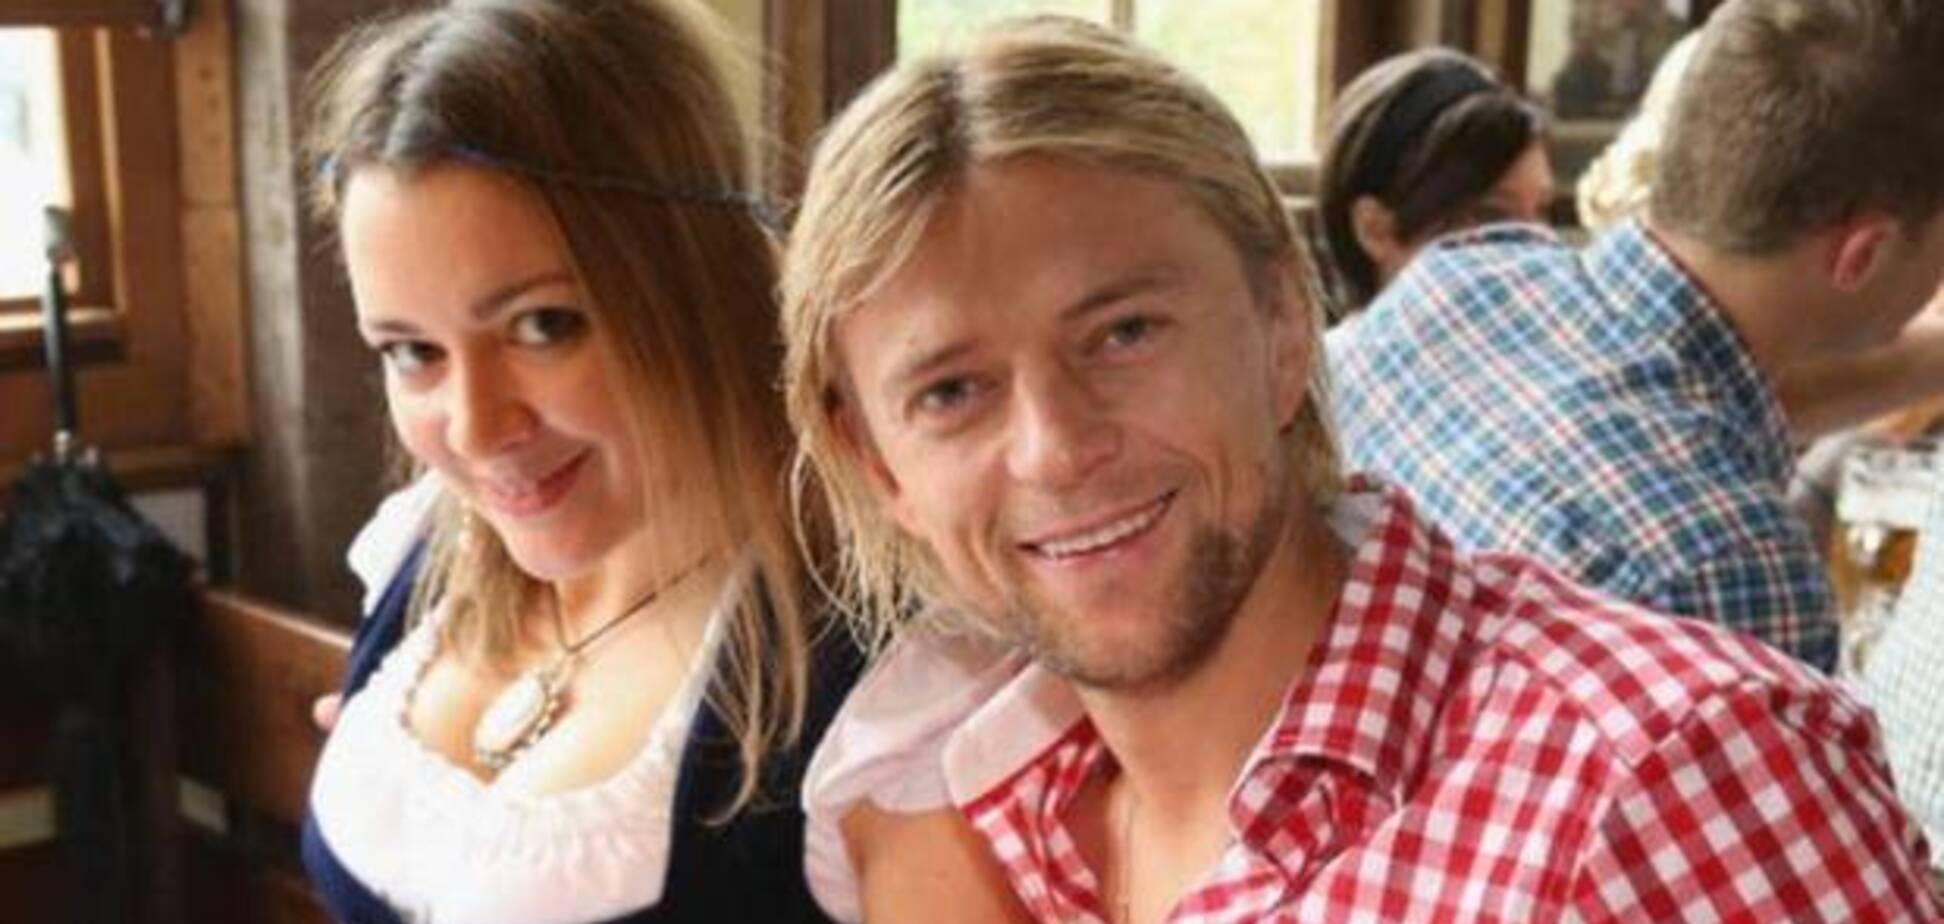 Жена с водителем: стало известно о скандальном прошлом Тимощука в 'Баварии'